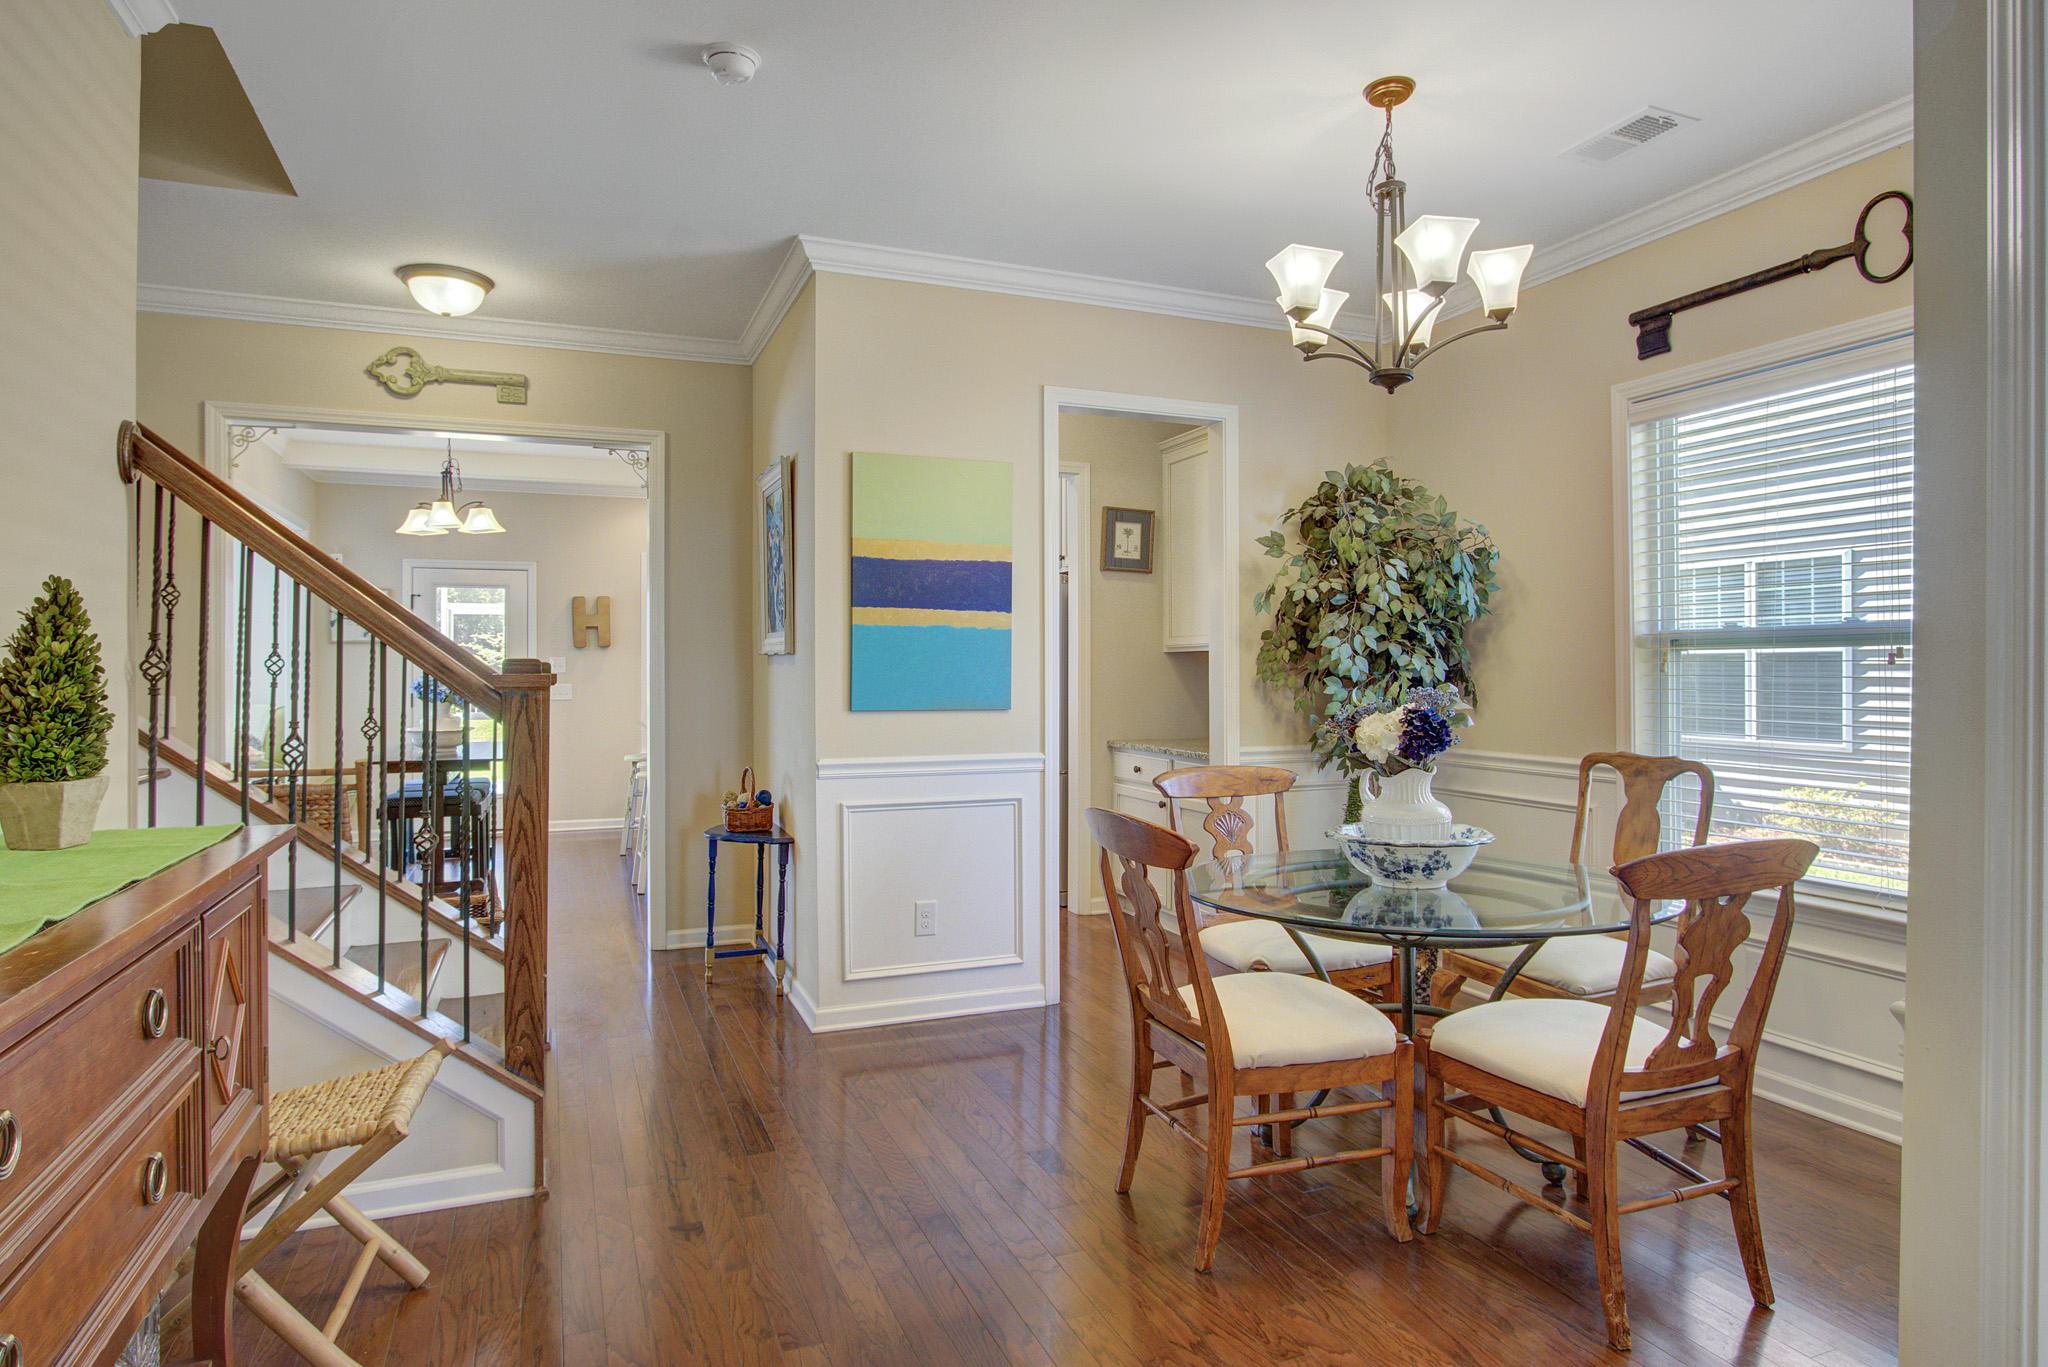 Sunnyfield Homes For Sale - 203 Medford, Summerville, SC - 19